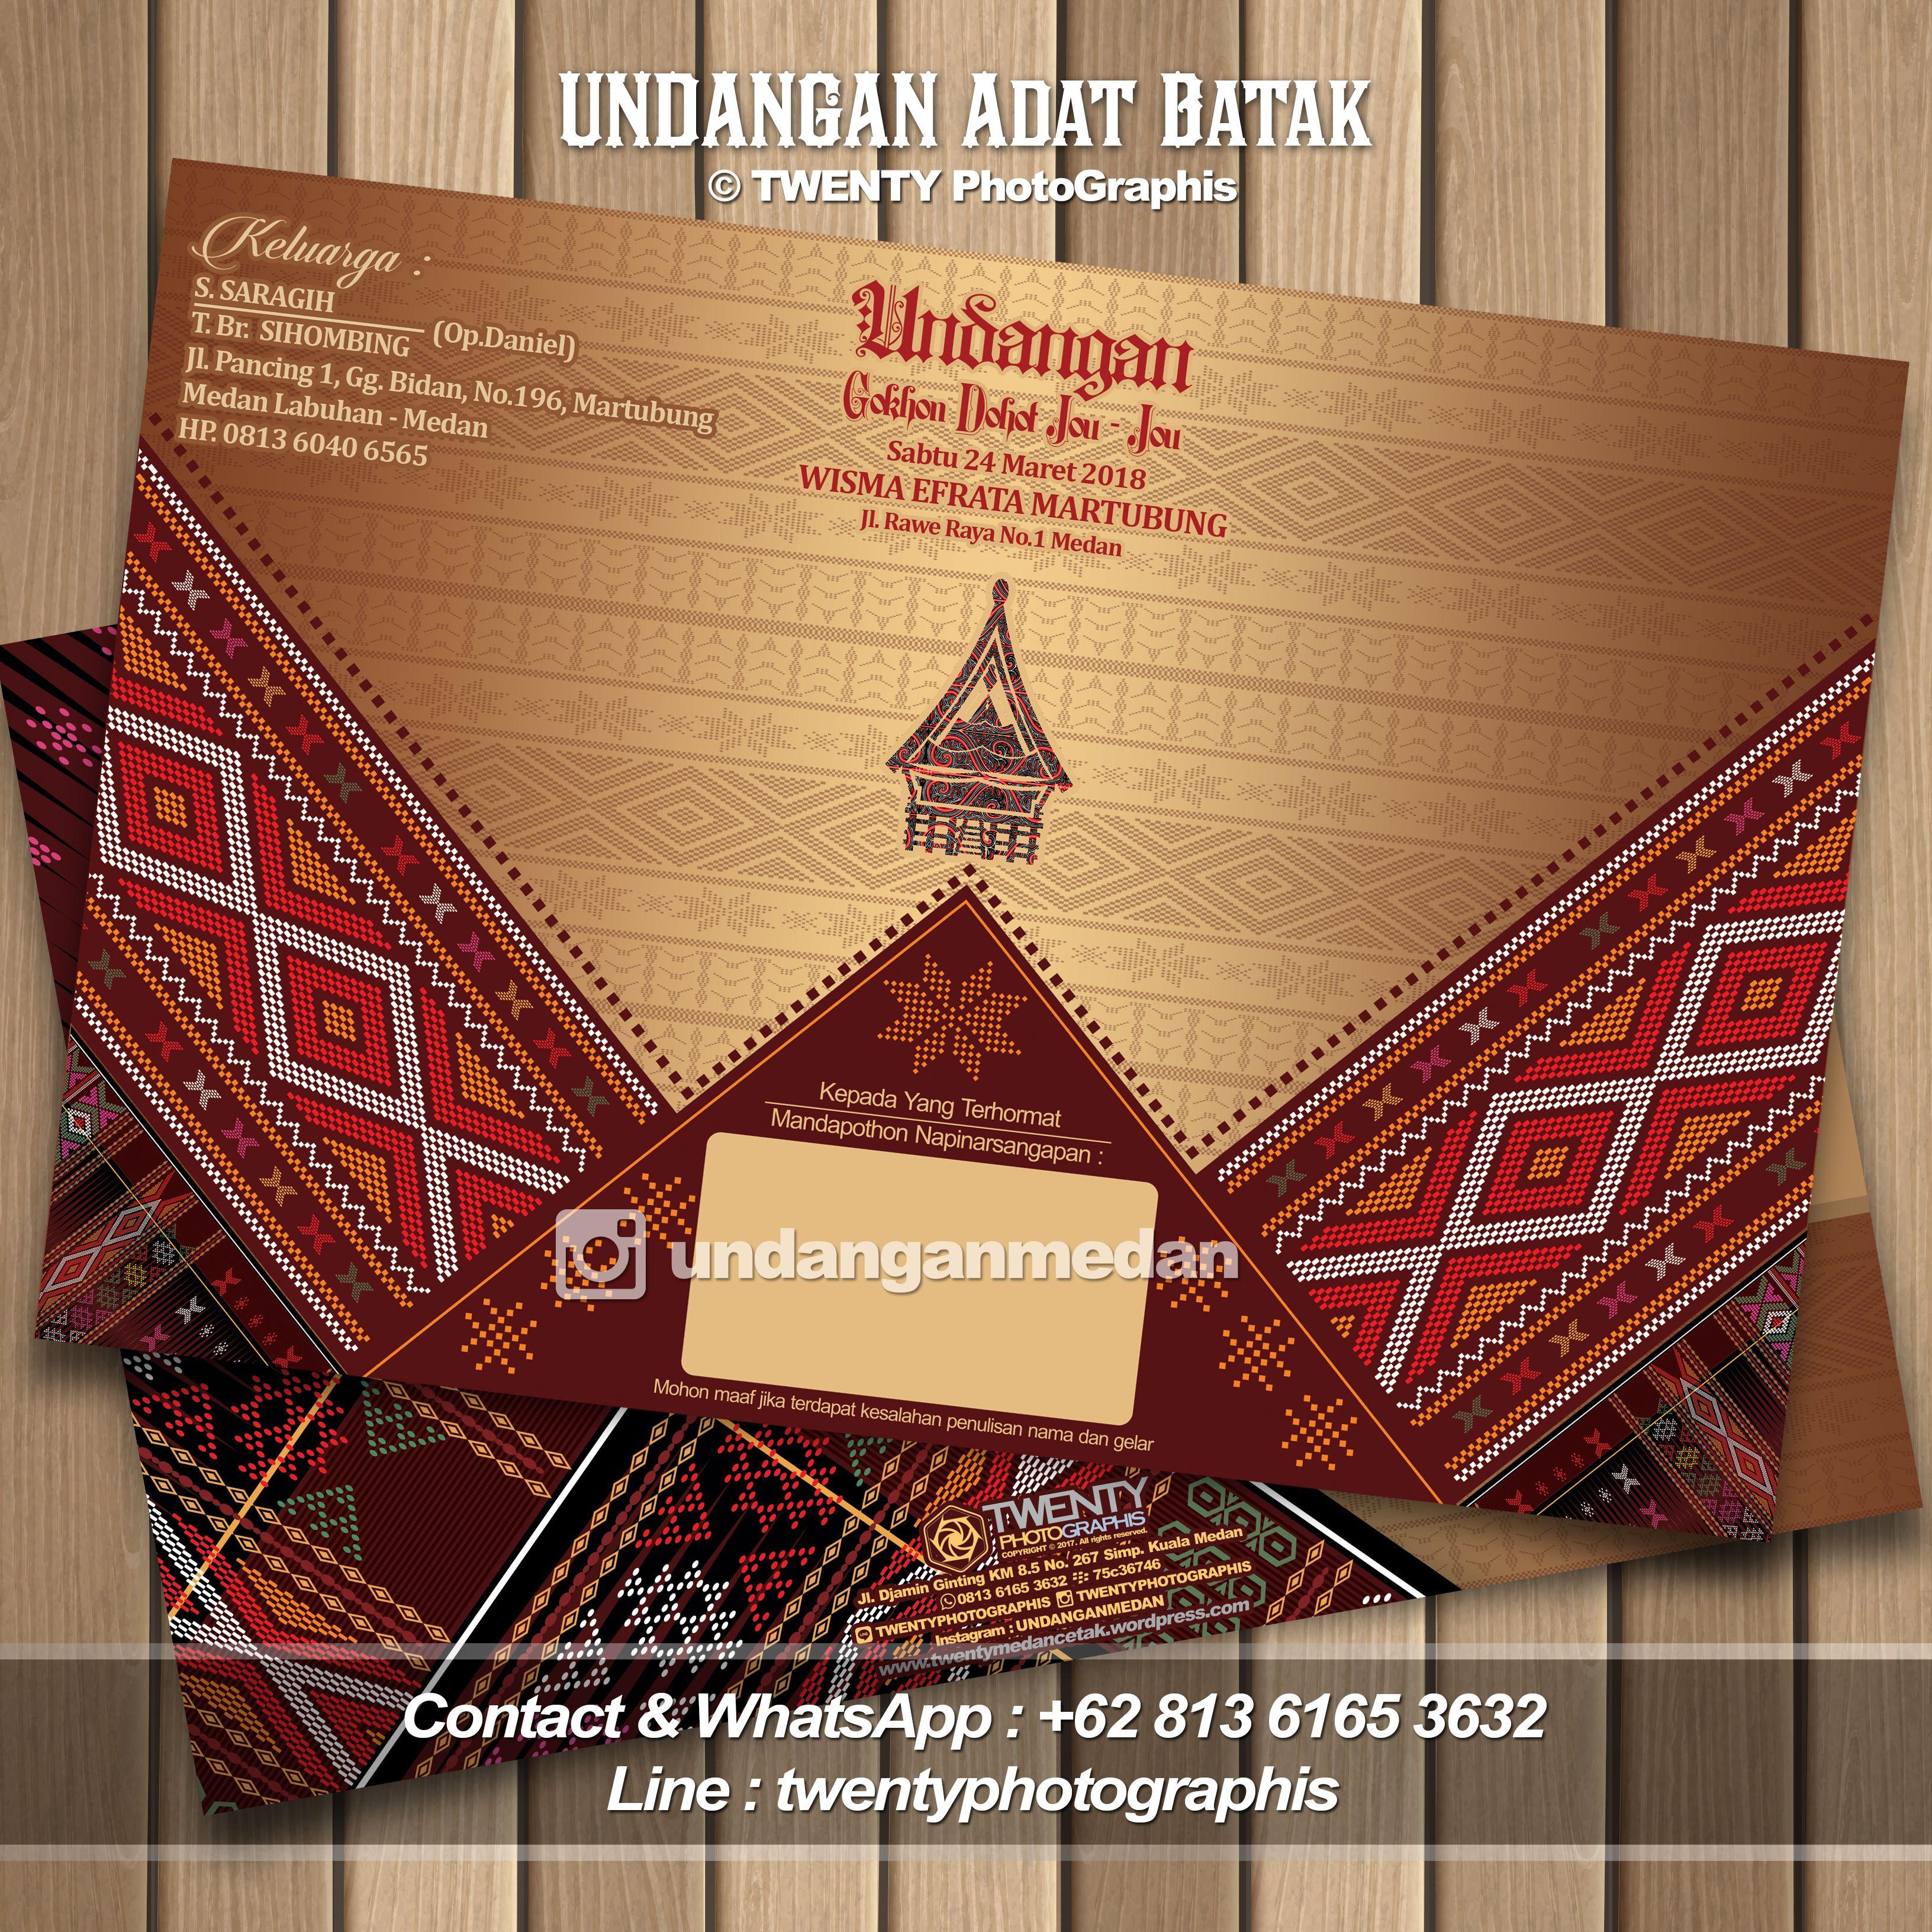 Undangan Medan Undangan Adat Batak Undangan Batak Medan Undangan Batak Jakarta Undangan